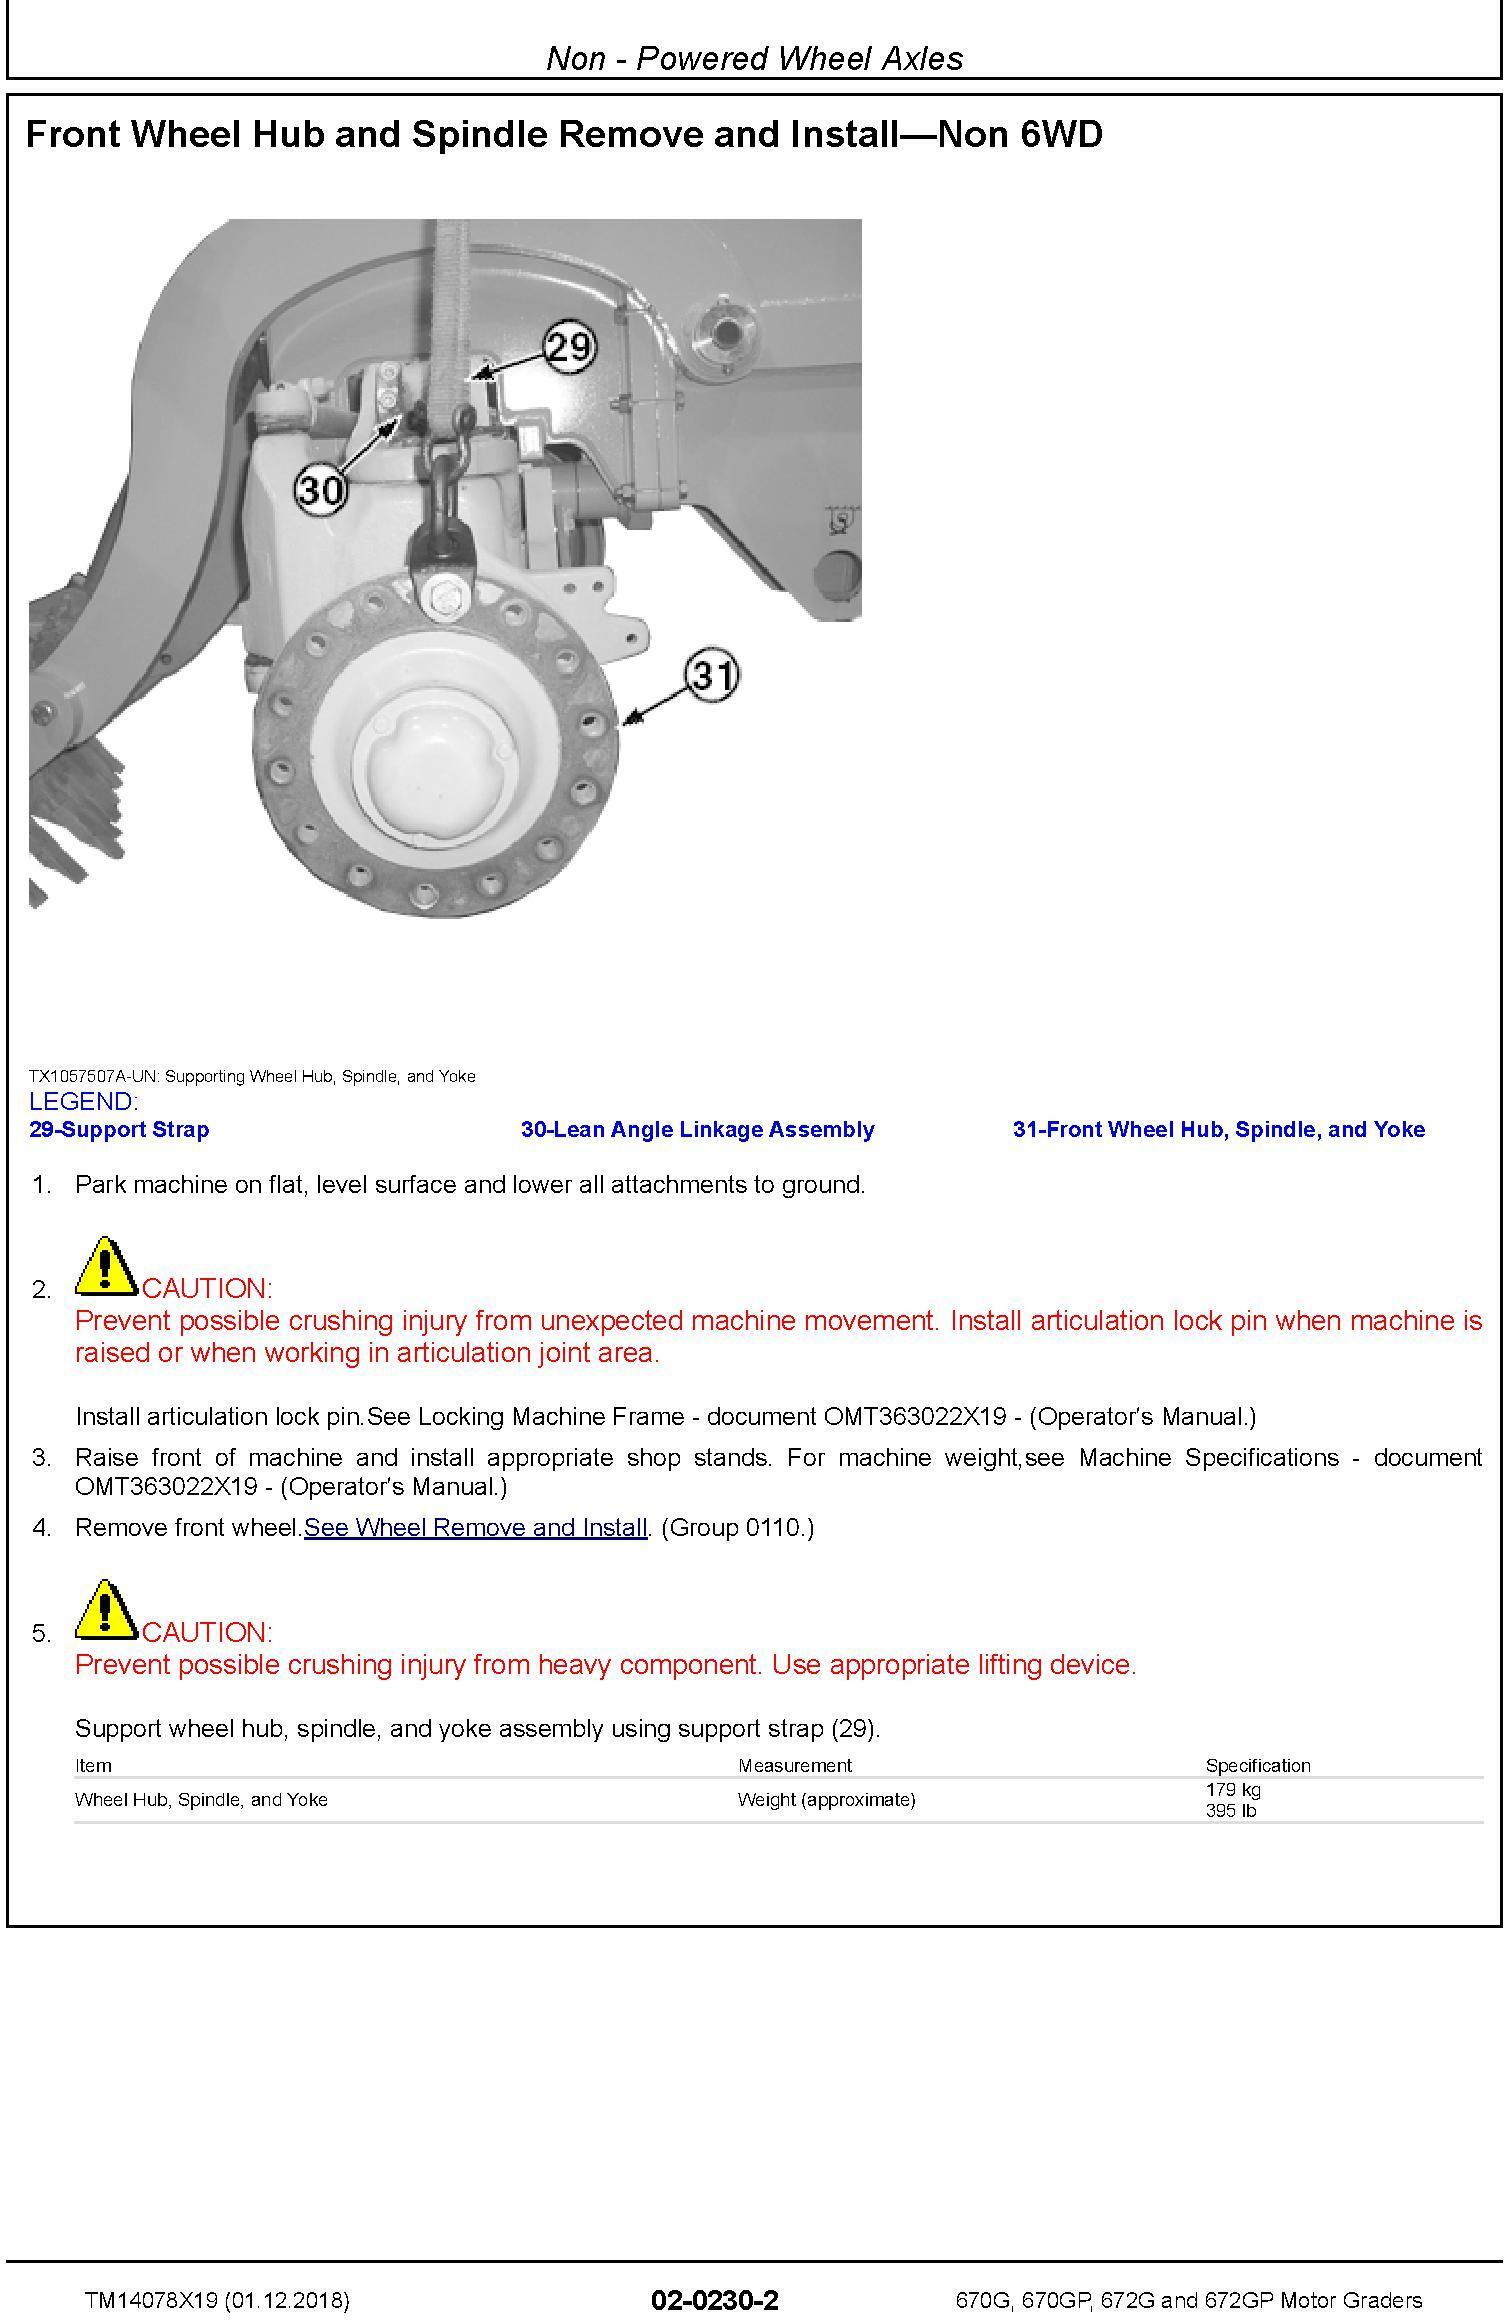 John Deere 670G, 670GP, 672G, 672GP (SN. C678818—680877) Motor Graders Repair Manual (TM14078X19) - 1